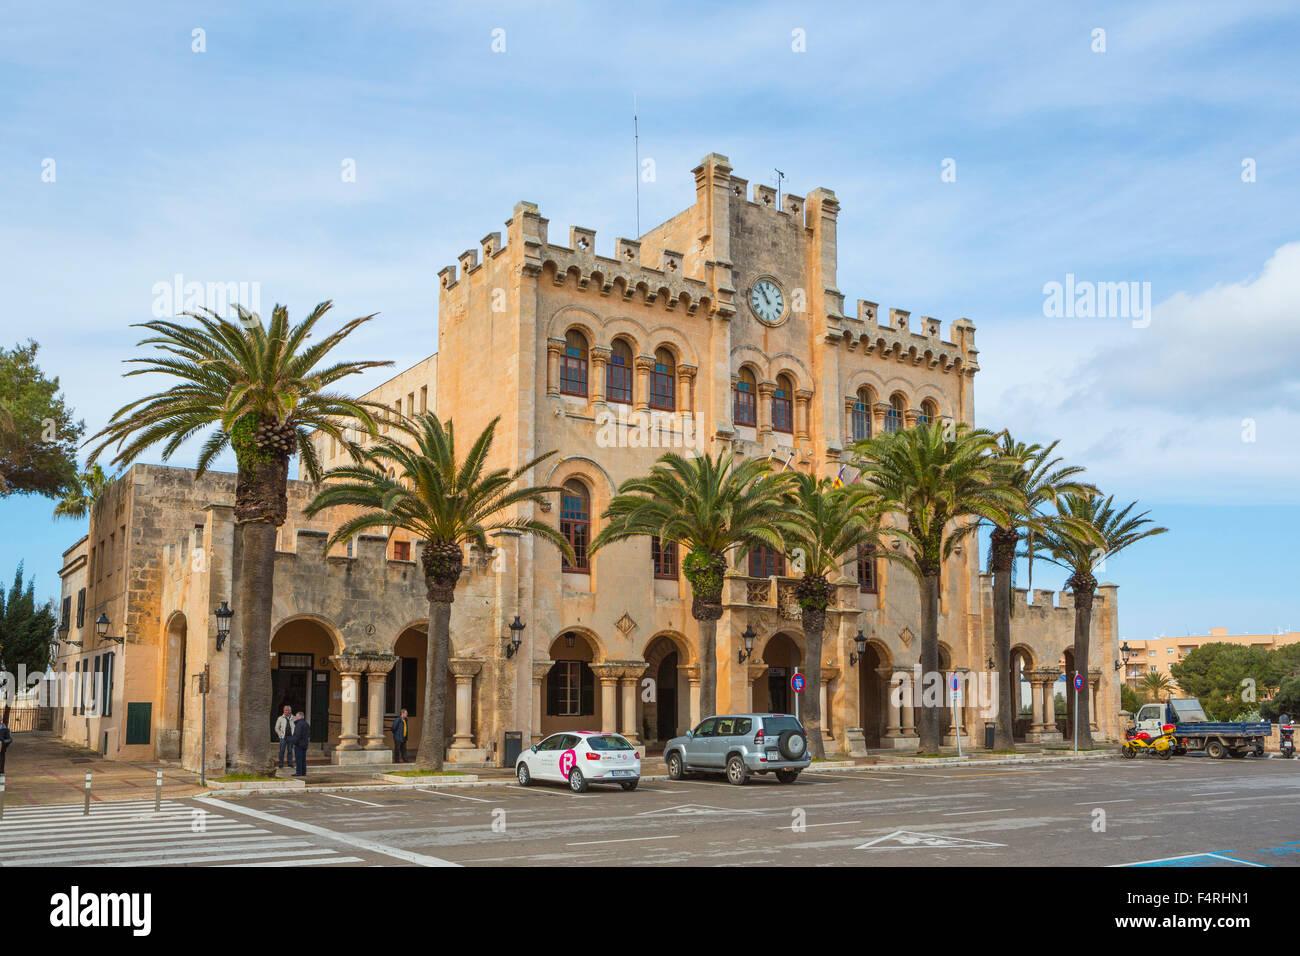 Gebäude, Ciutadella, Hafen, Rathaus, Menorca, Balearen, Frühling, Architektur, mediterran, keine Menschen, Stockbild